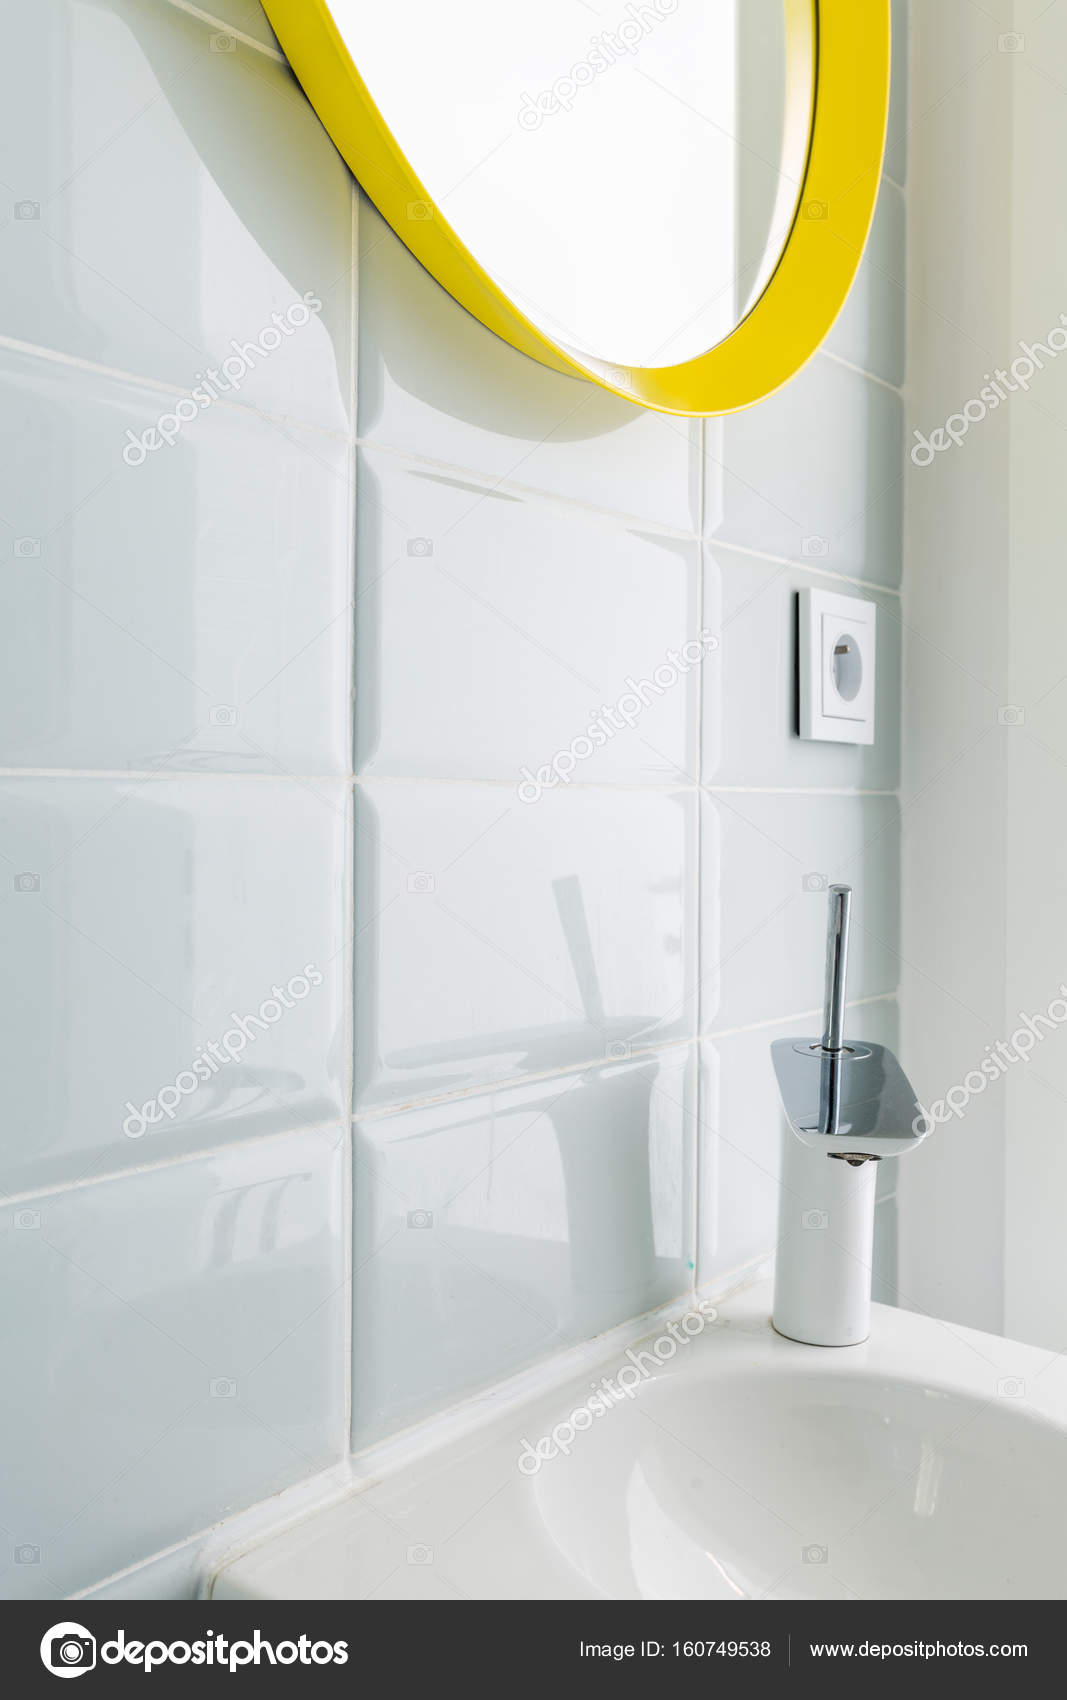 Witte badkamer met gele spiegel — Stockfoto © photographee.eu #160749538